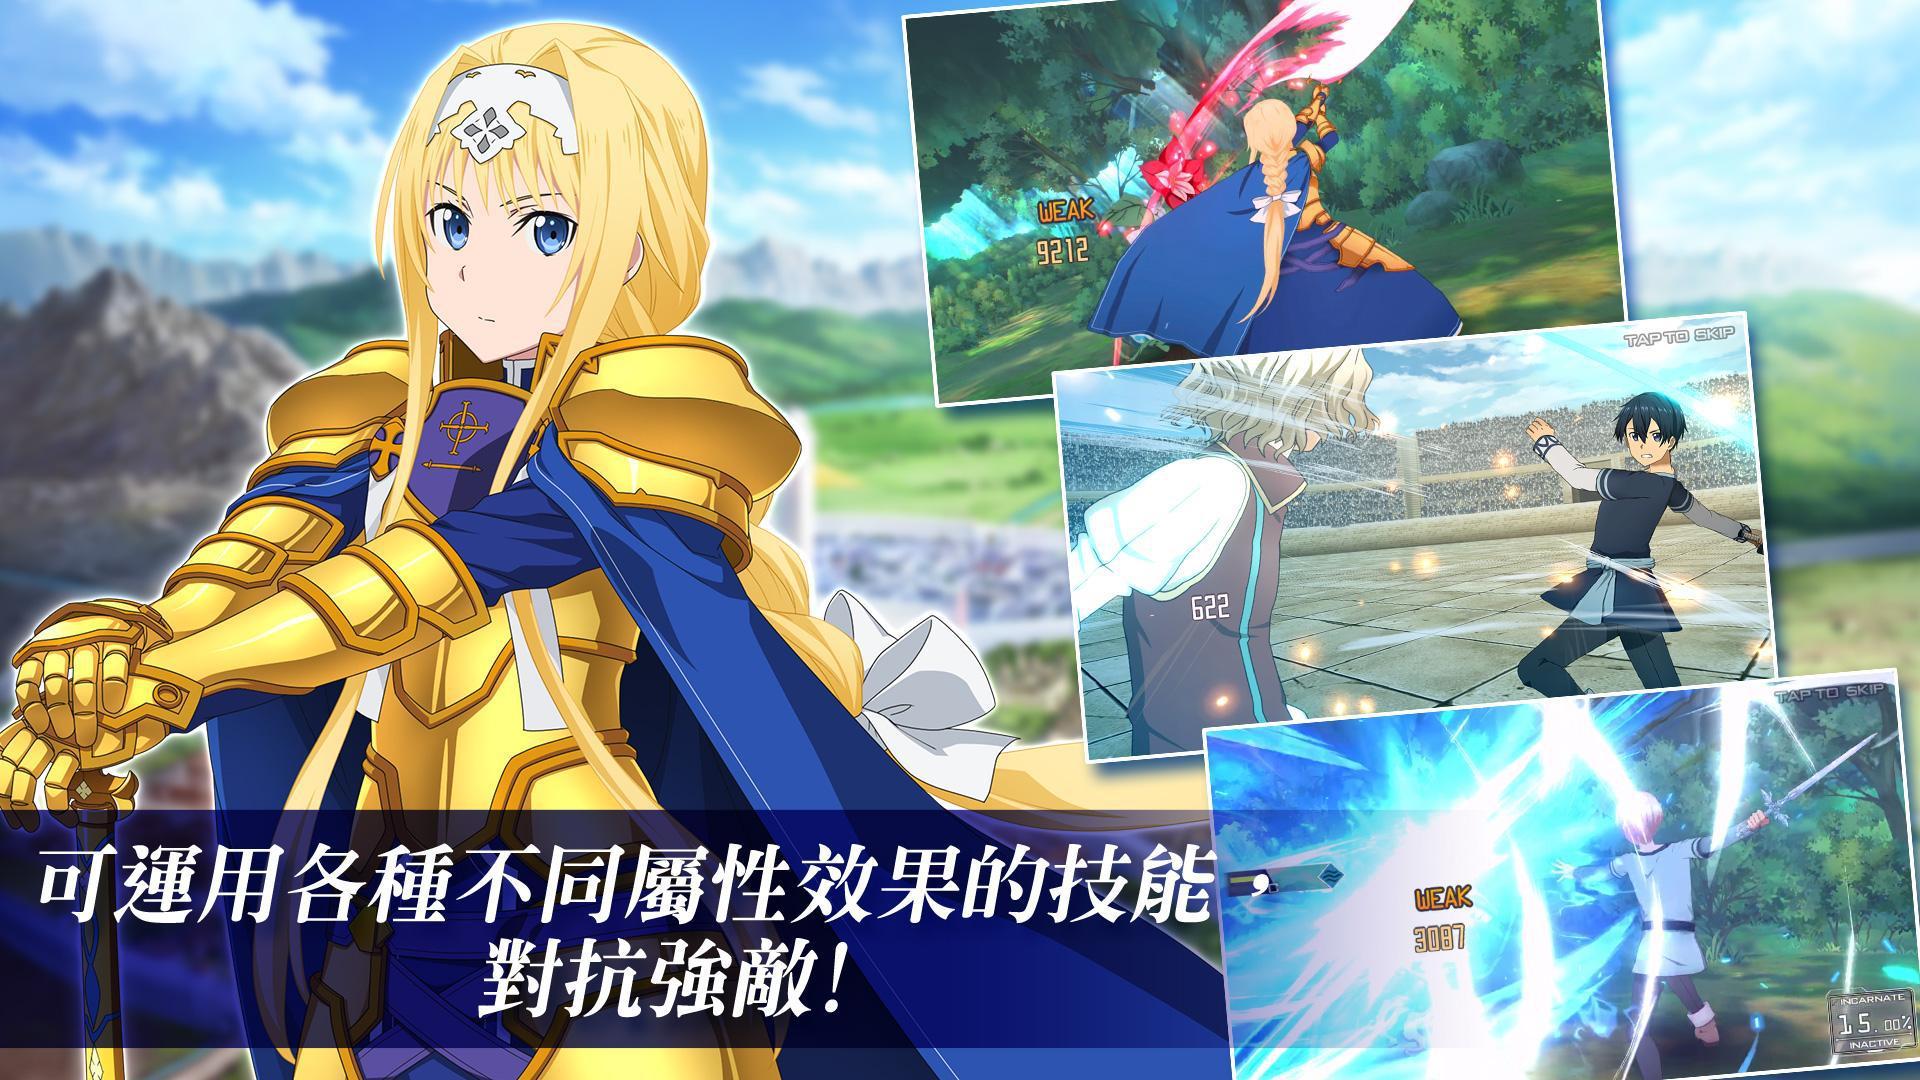 刀剑神域 Alicization Rising Steel(国际服) 游戏截图4